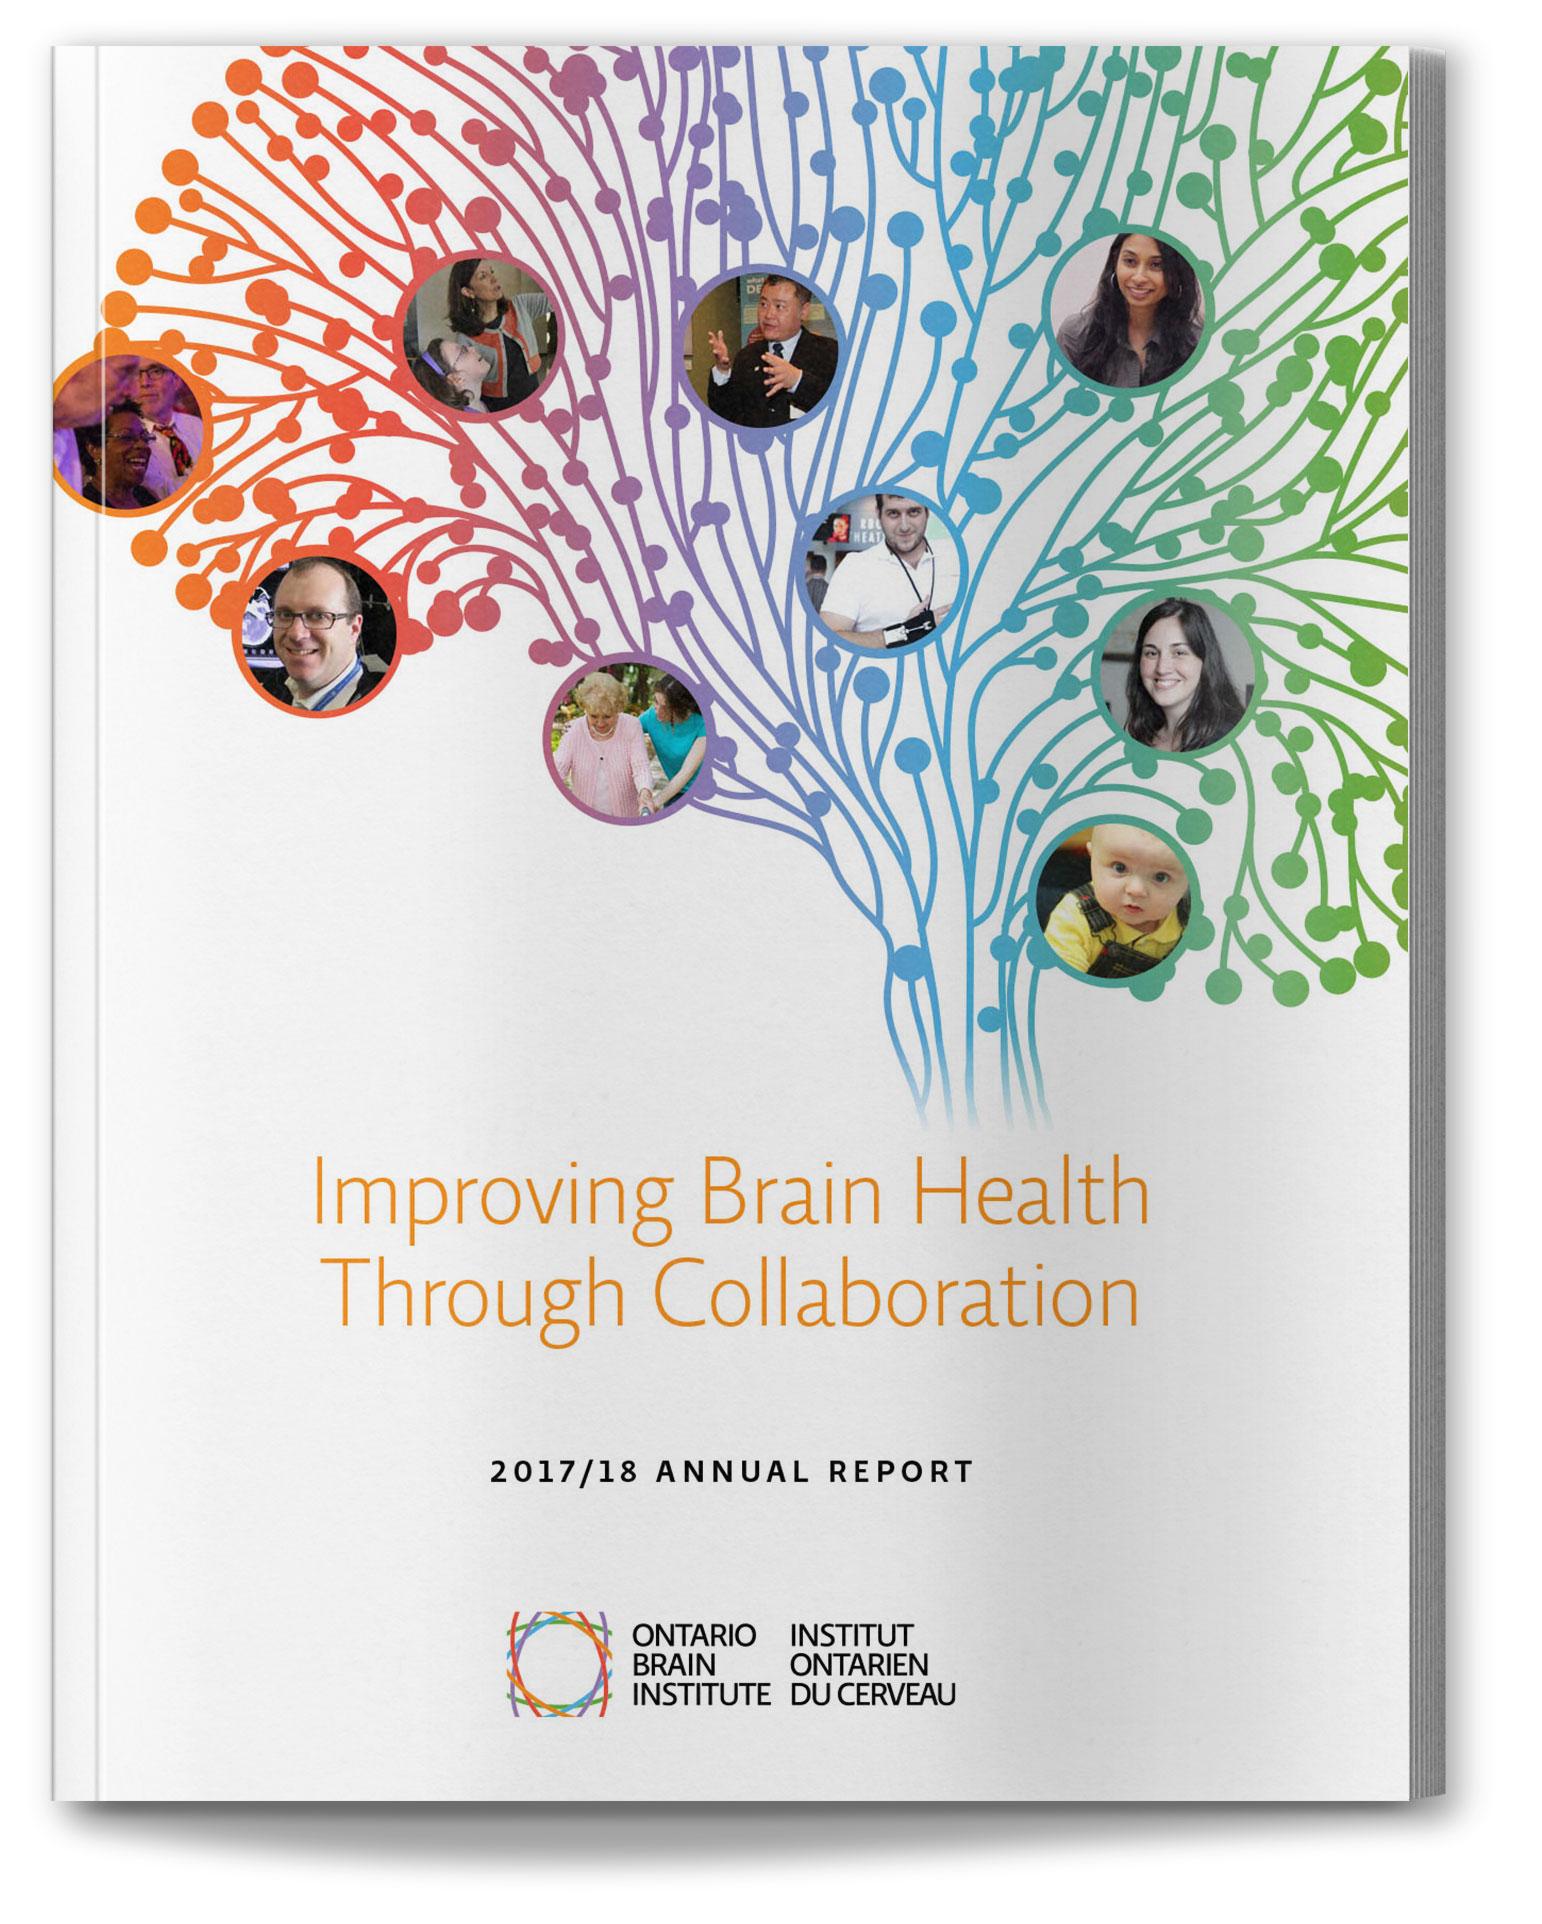 Ontario Brain Institute 2017/18 annual report design